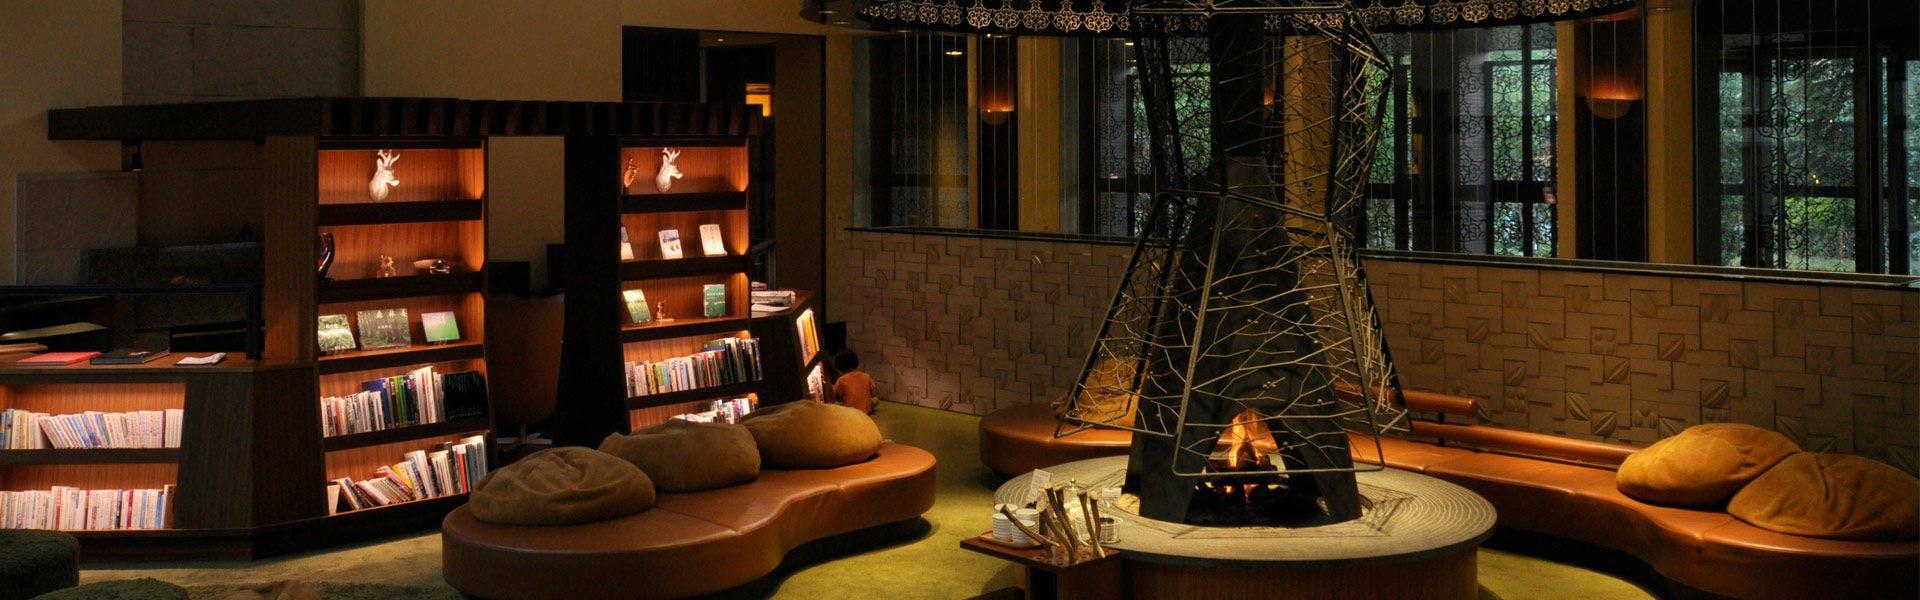 記念日におすすめのホテル・【定山渓鶴雅リゾートスパ 森の謌】の写真1